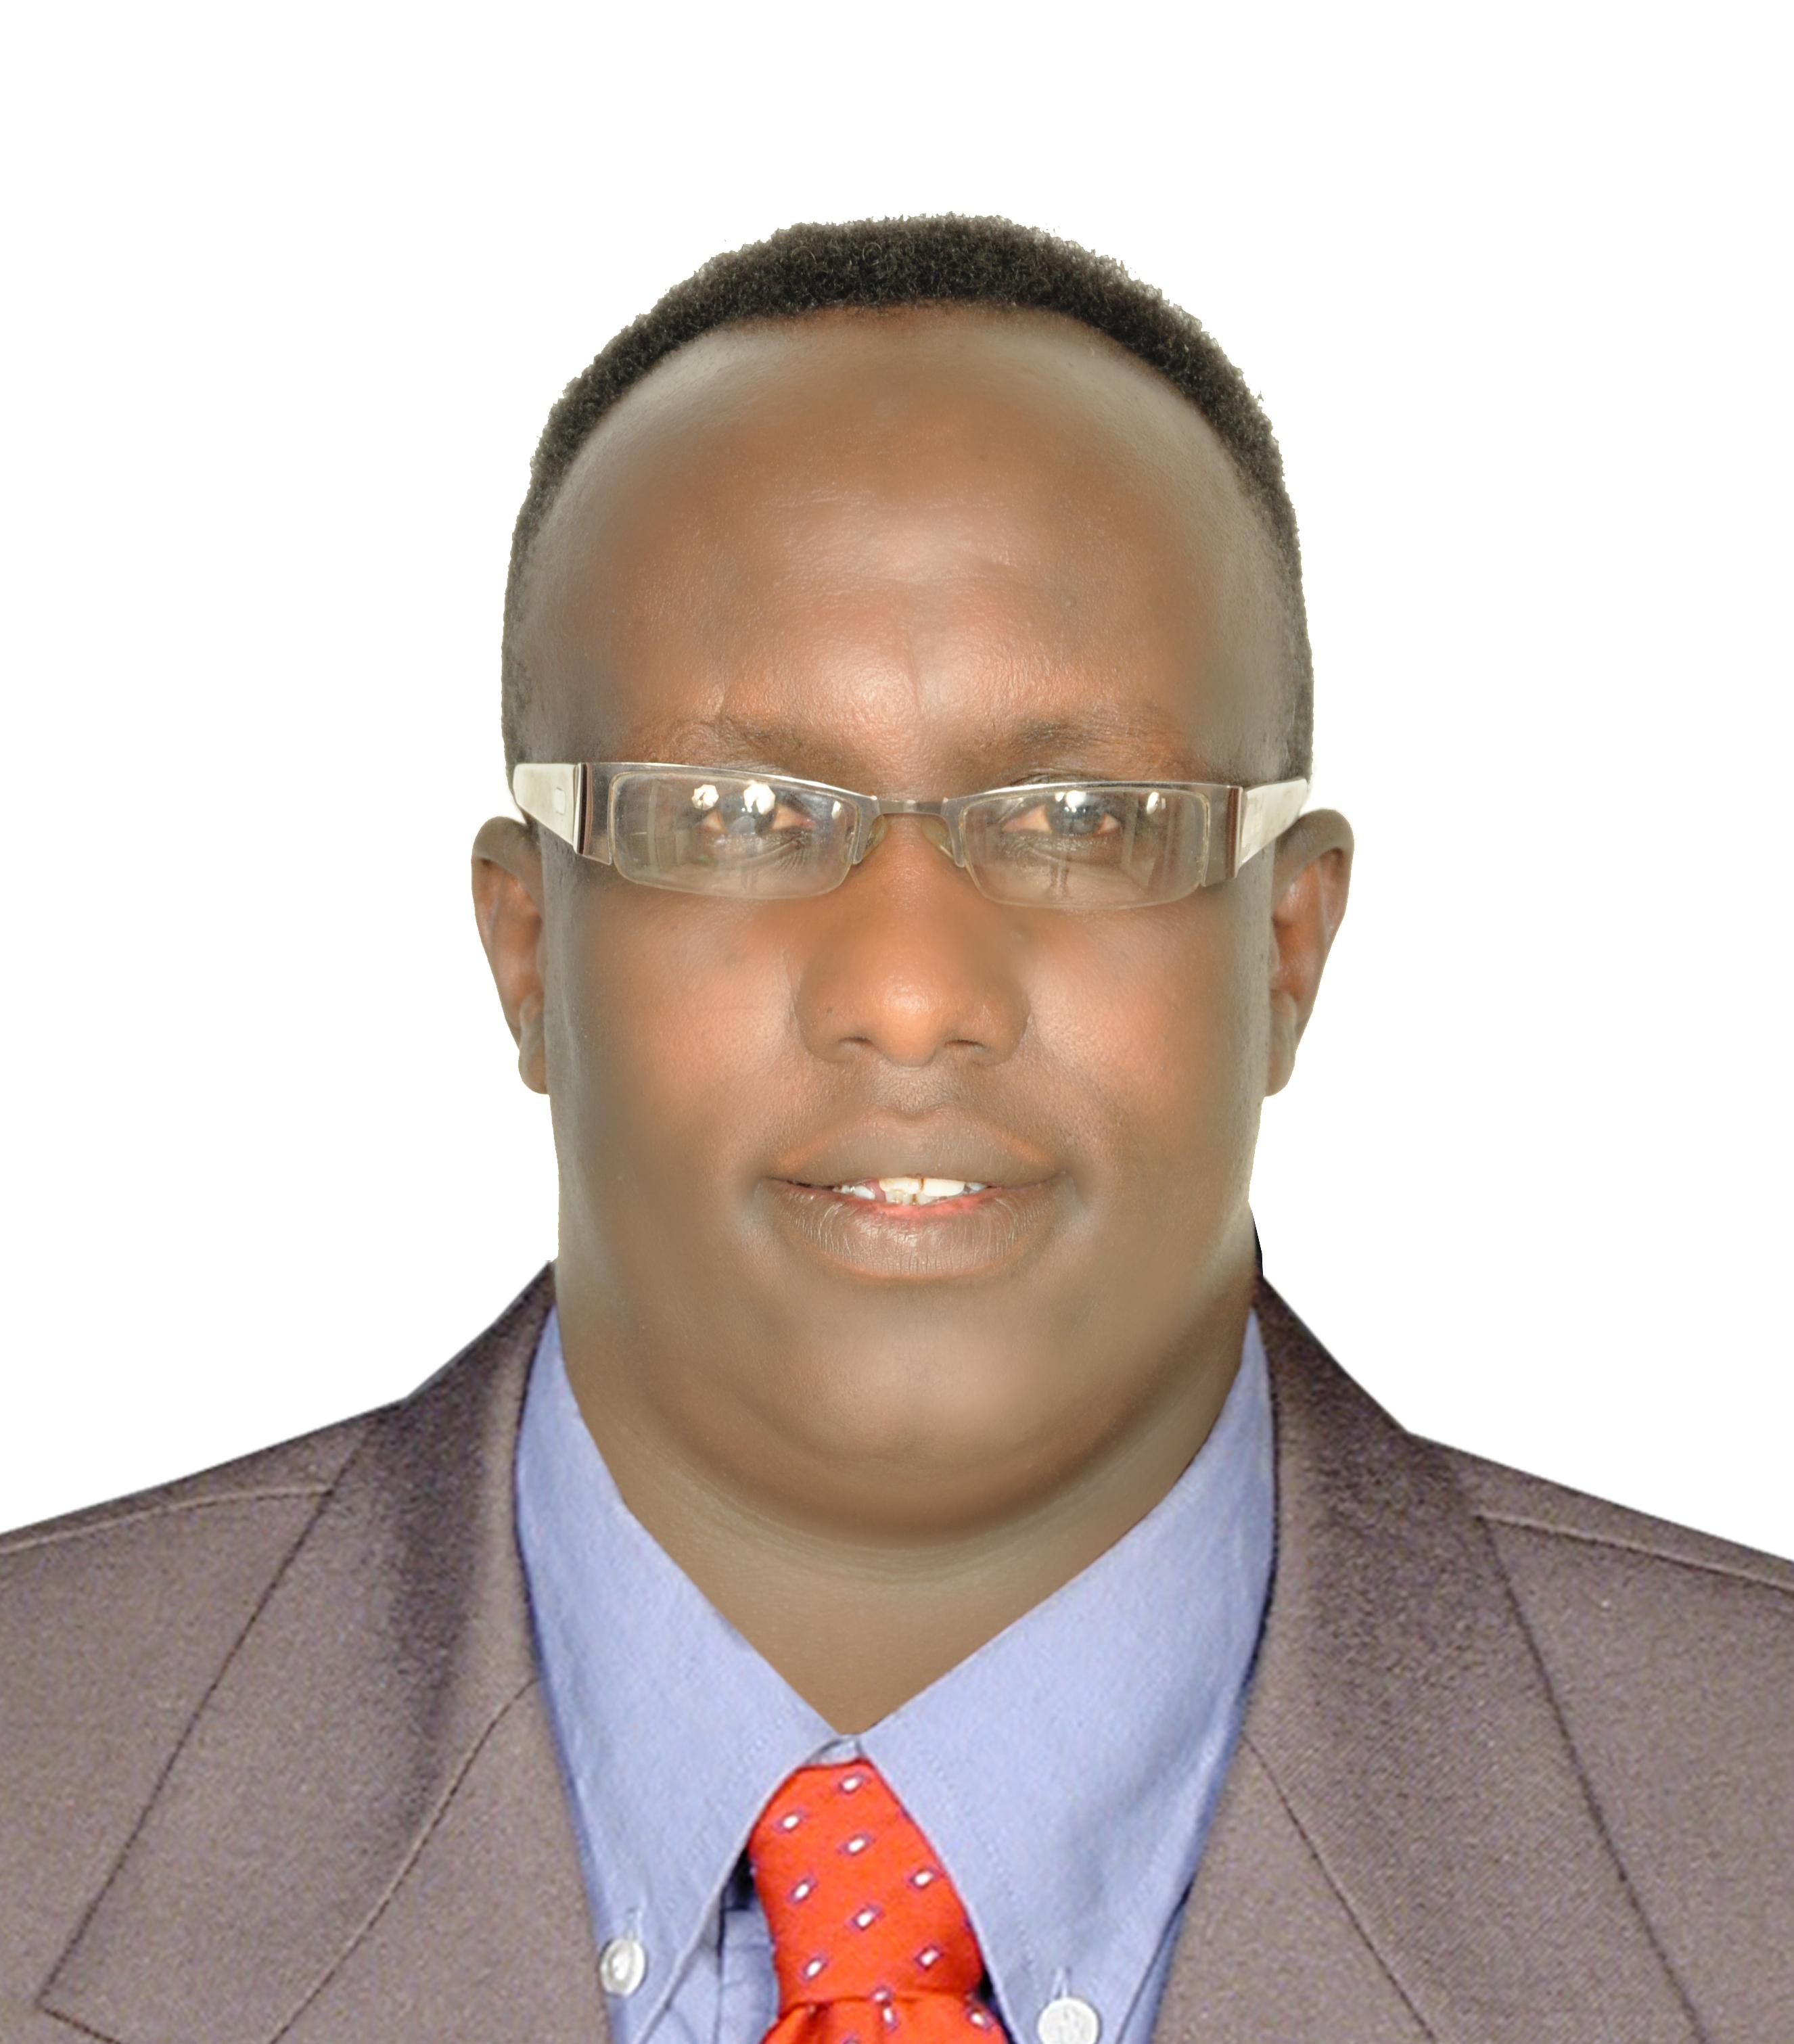 Mohammed Dahir Ahmed